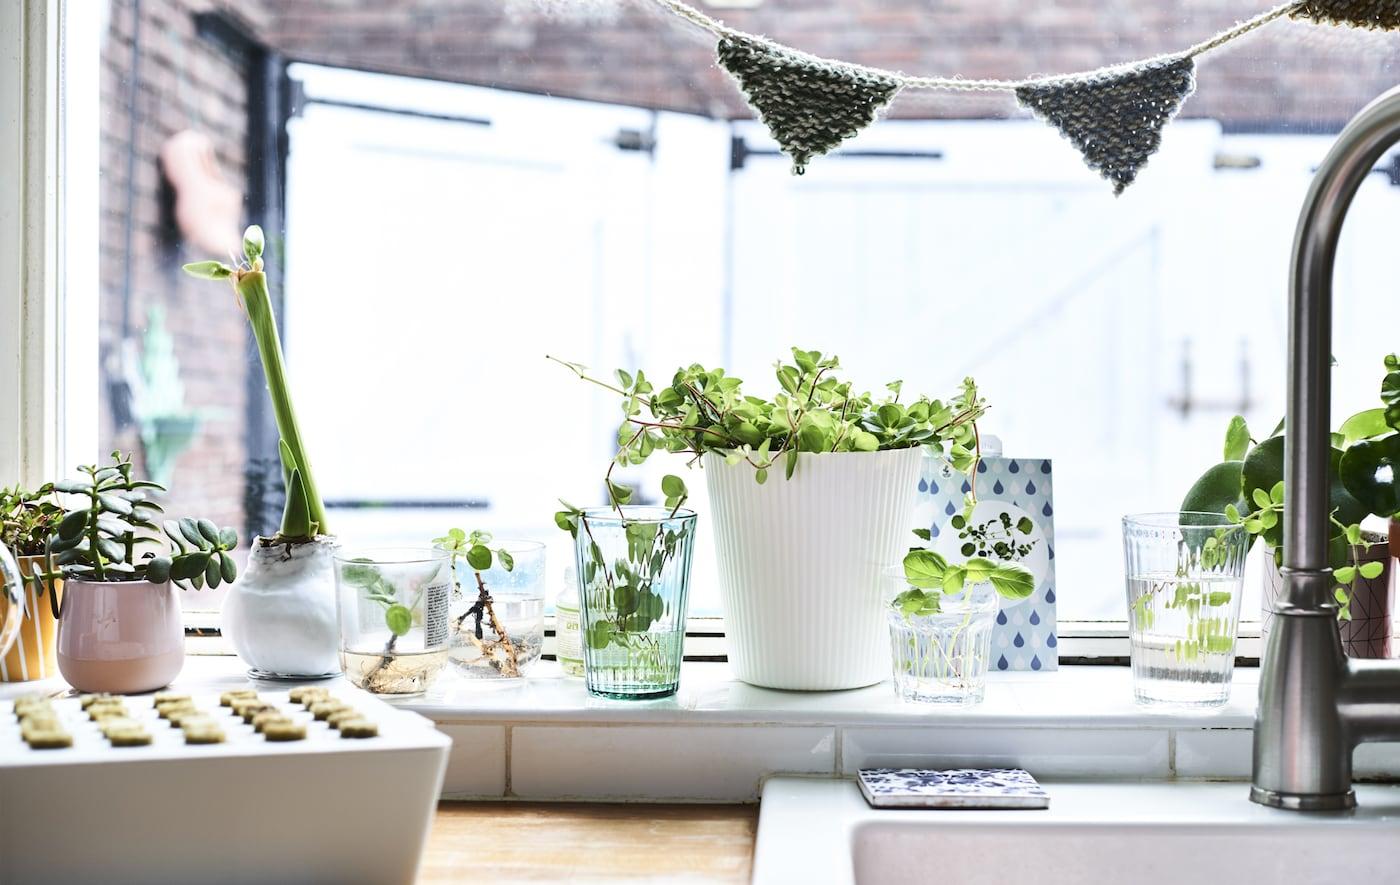 حافة نافذة مطبخ أبيض عليها نباتات في أواني، وشتلات وصندوق براعم.